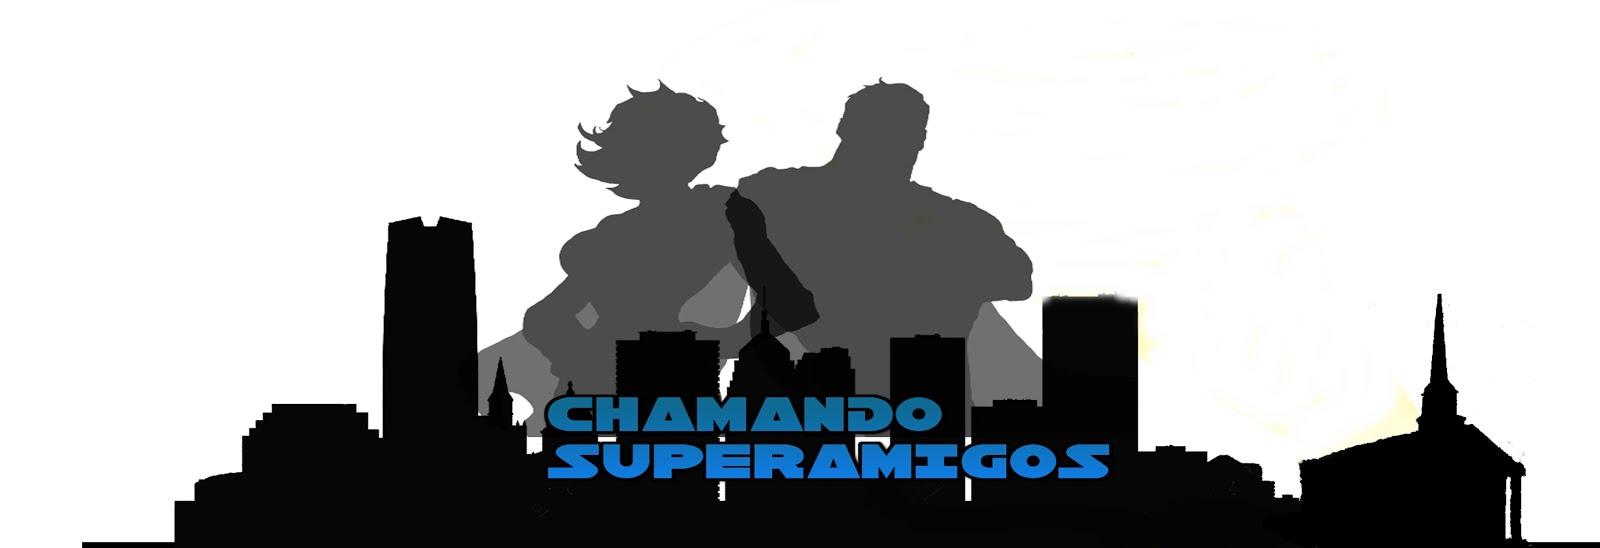 Chamando Superamigos